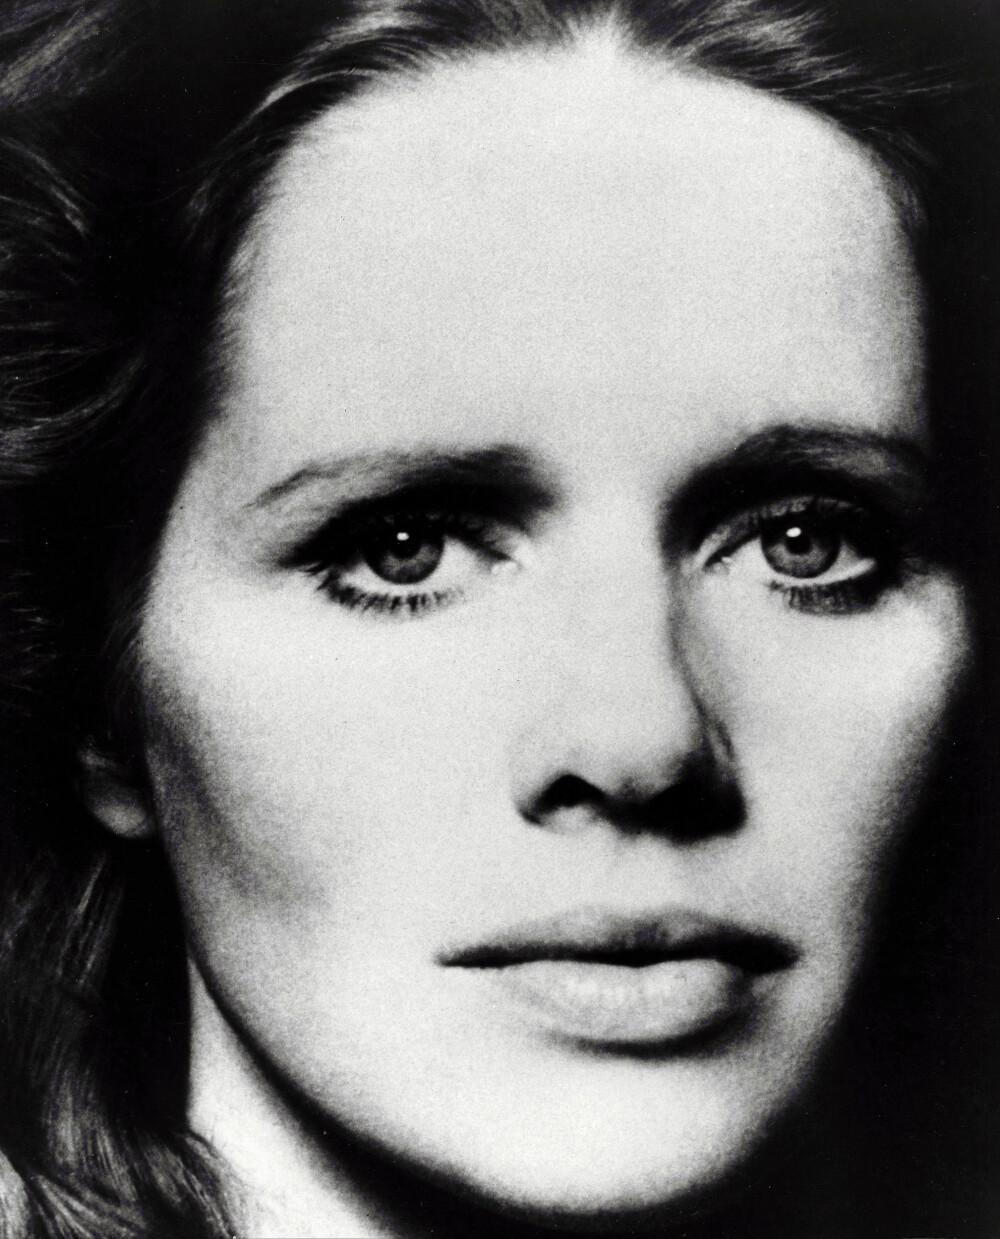 <b>ÉN GANG SKJØNNHET ...:</b> Her er Liv fotografert <br/>i 1970. 49 år senere er hun fremdeles like slående vakker.